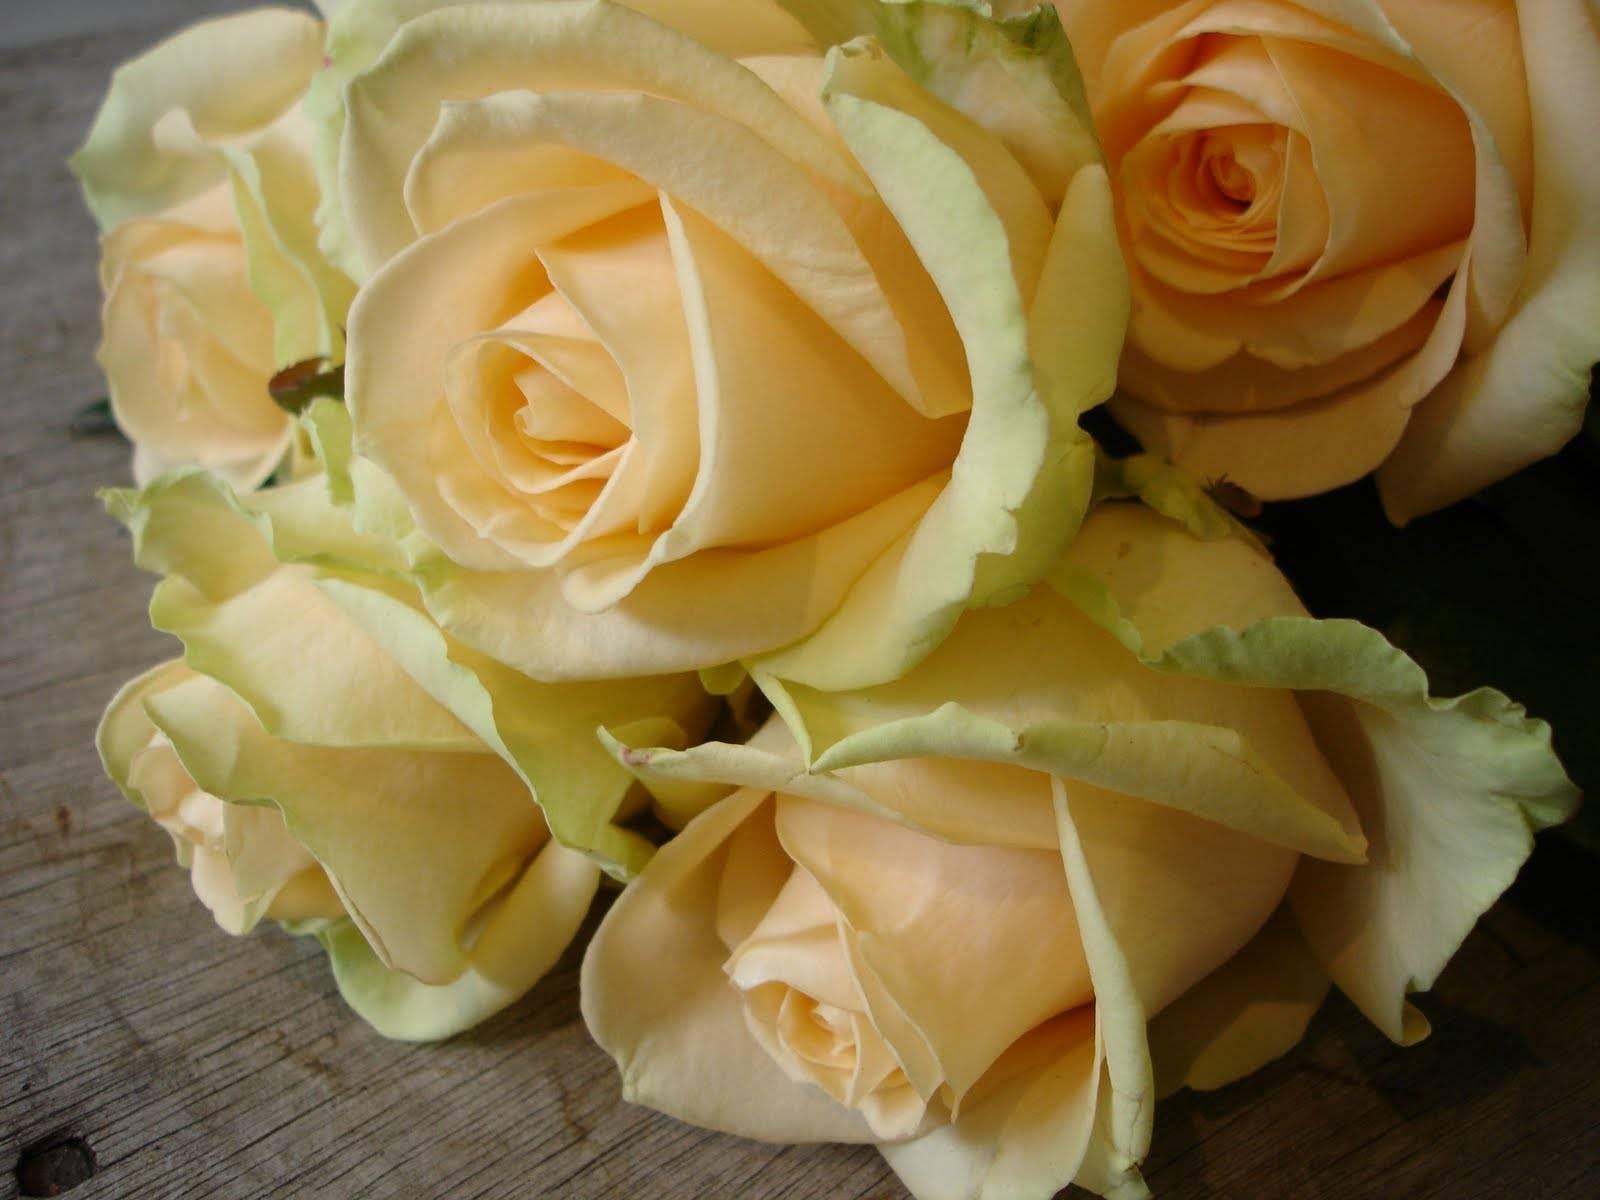 Какие розы лучше: чайно-гибридные или флорибунда